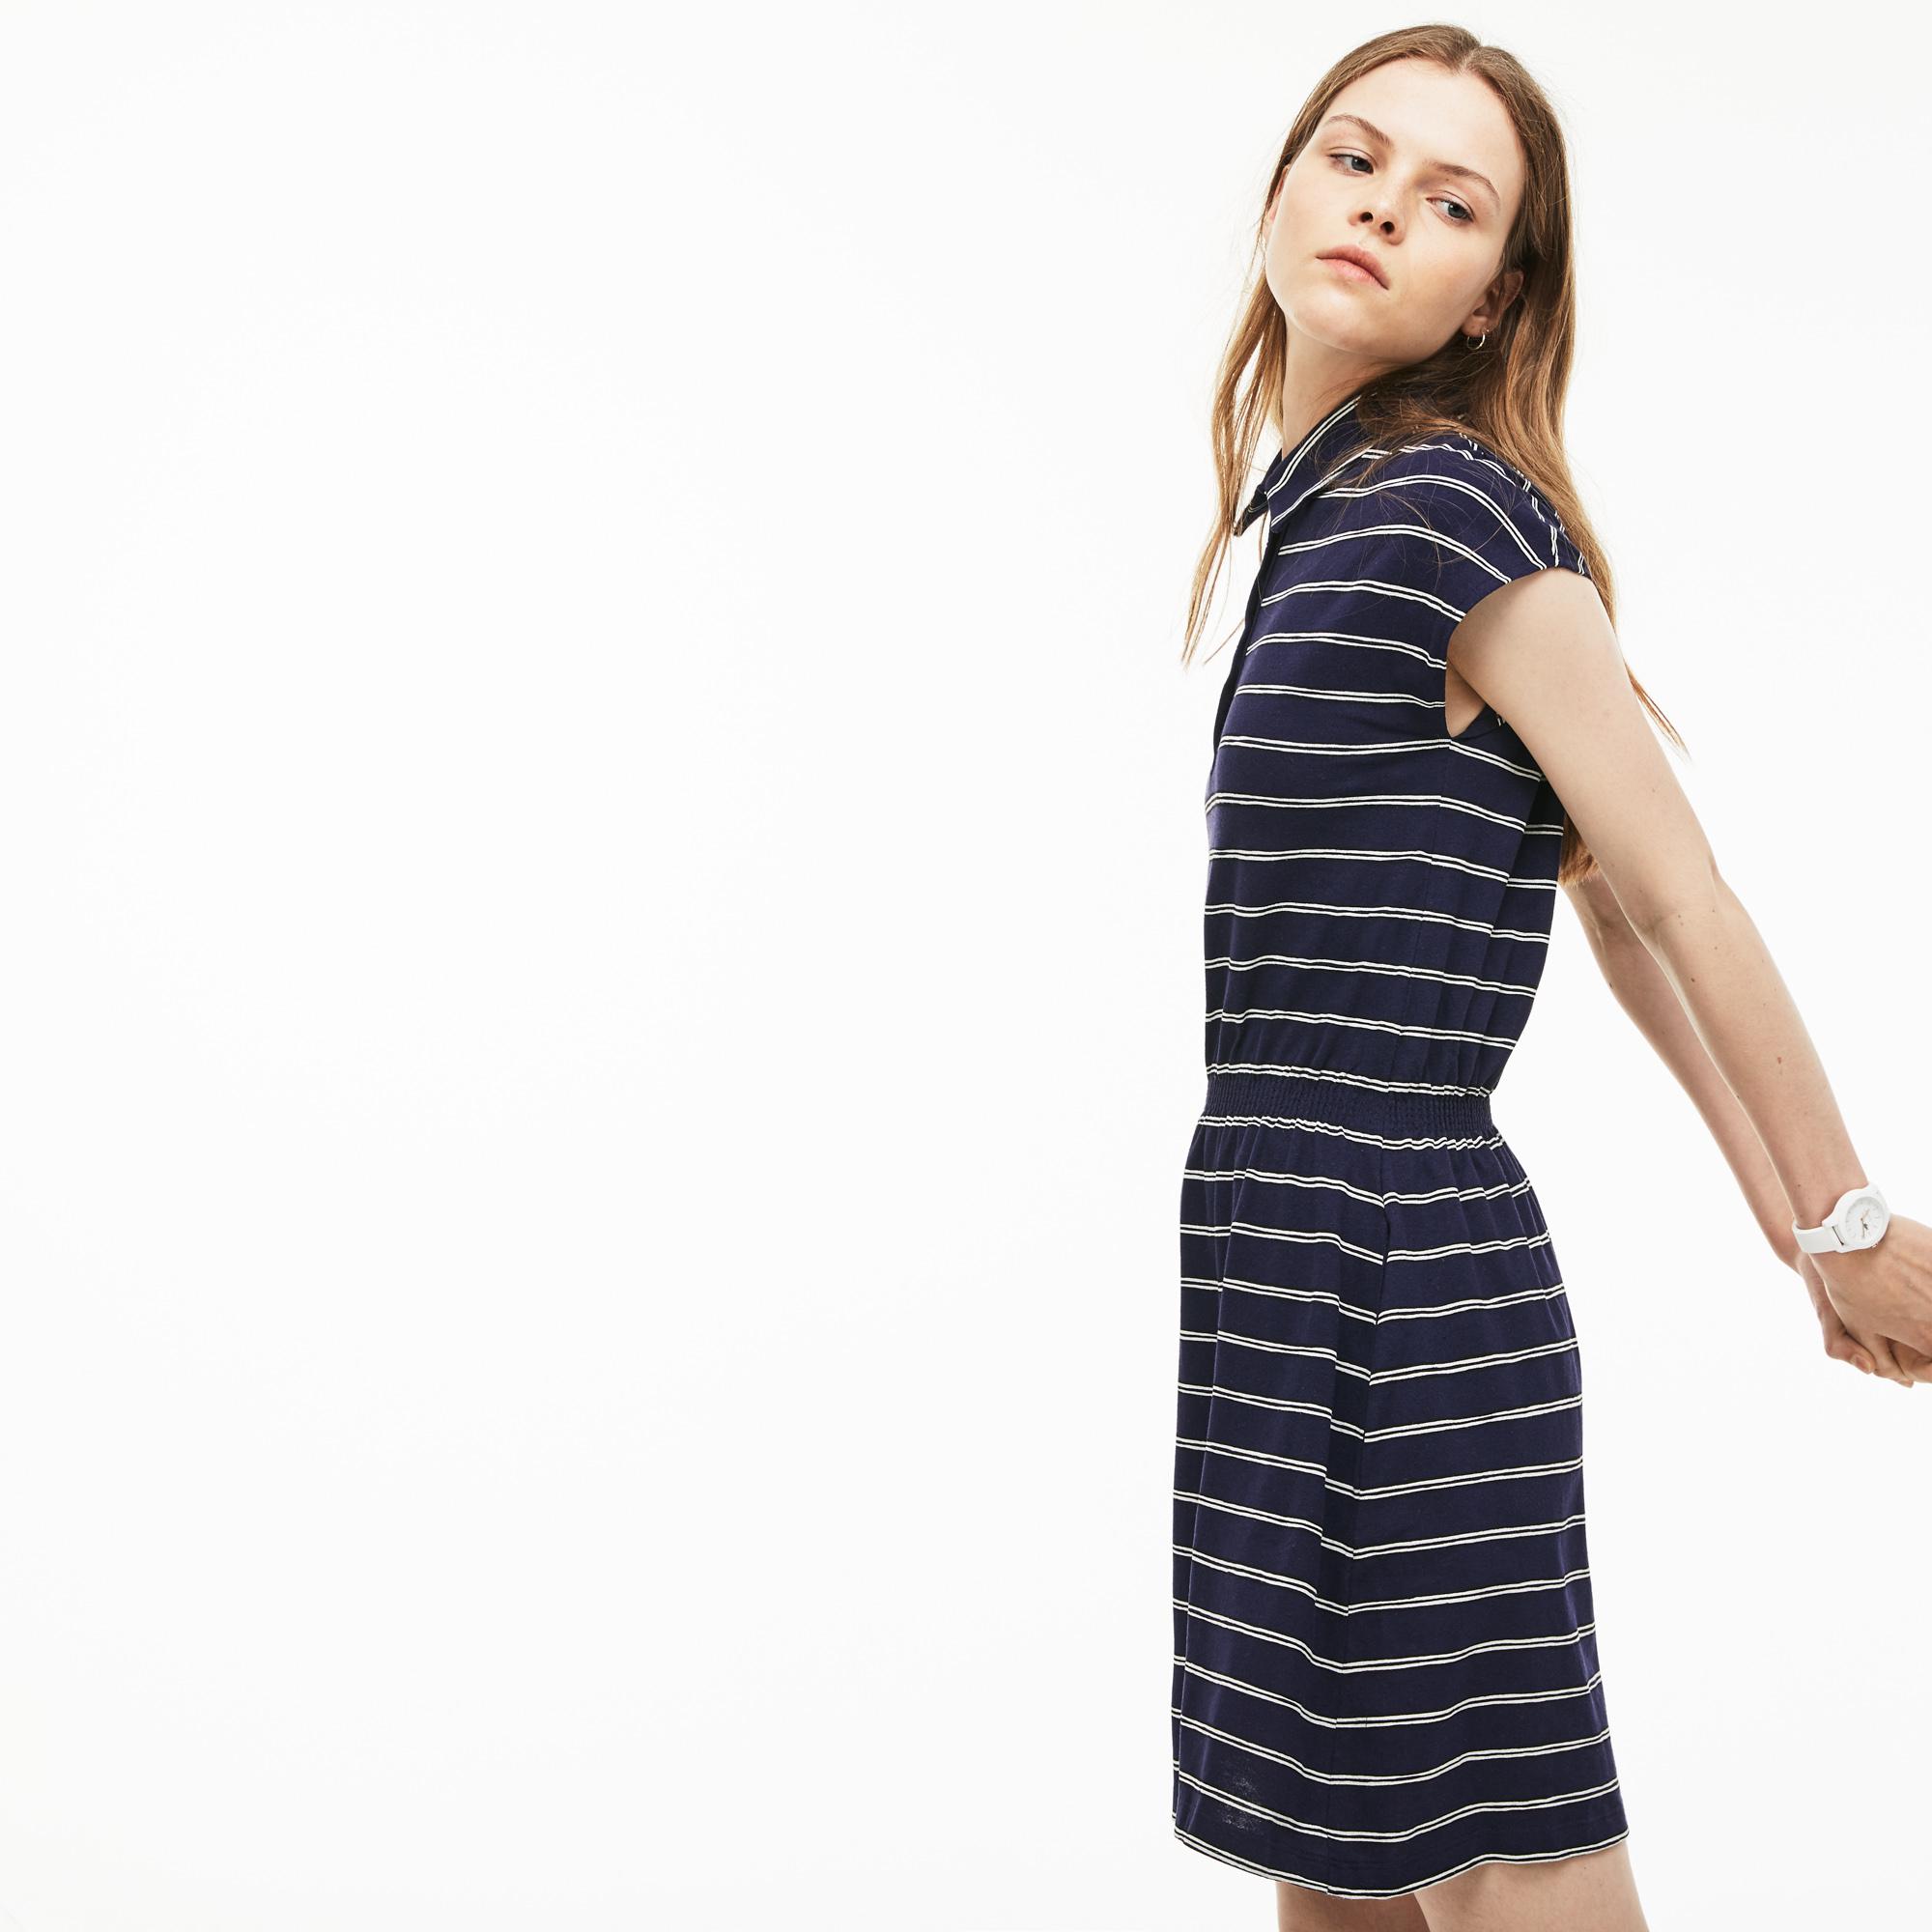 Фото 3 - Женское платье Lacoste темно-синего цвета